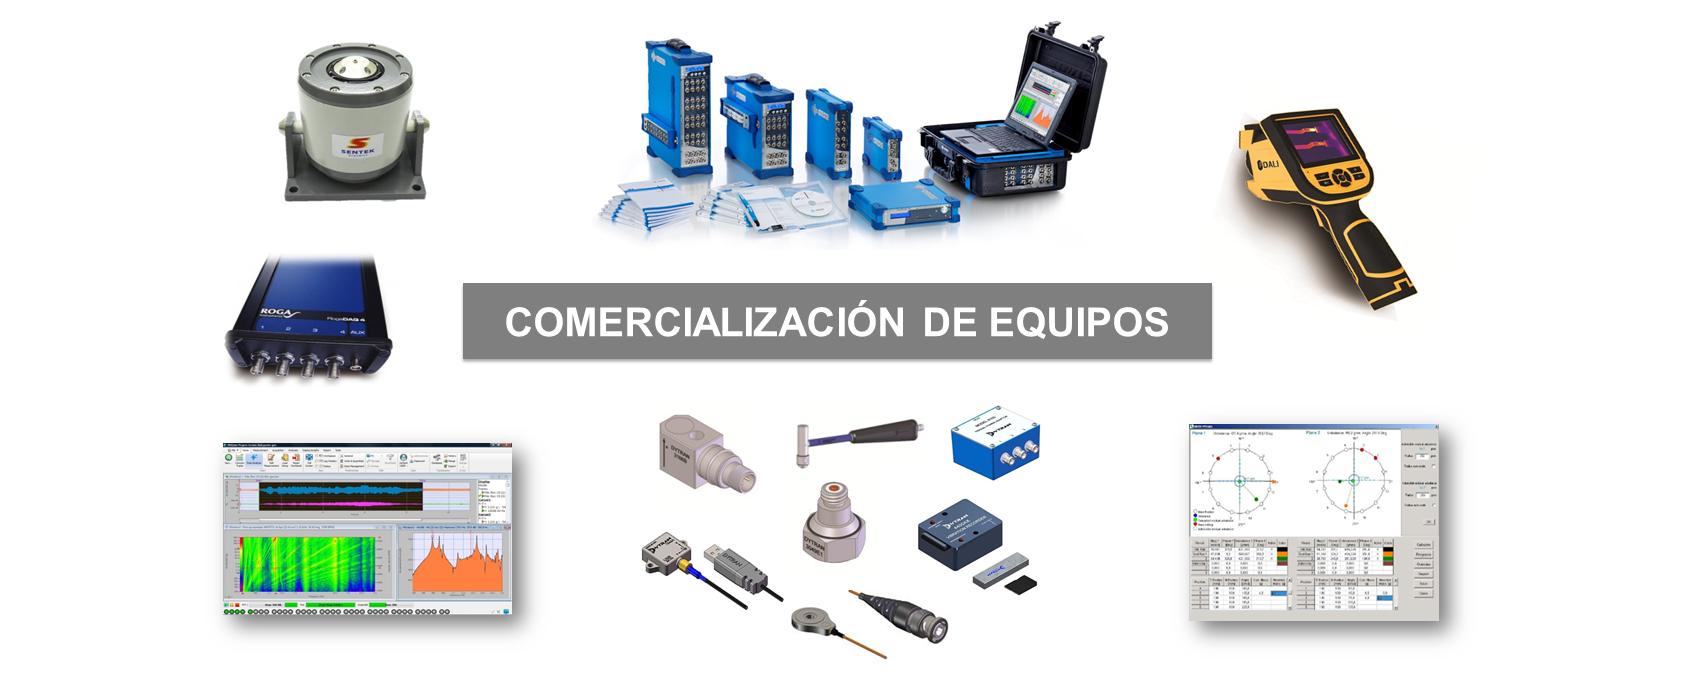 SIELECOM S.A.S | Comercialización de Equipos especializados